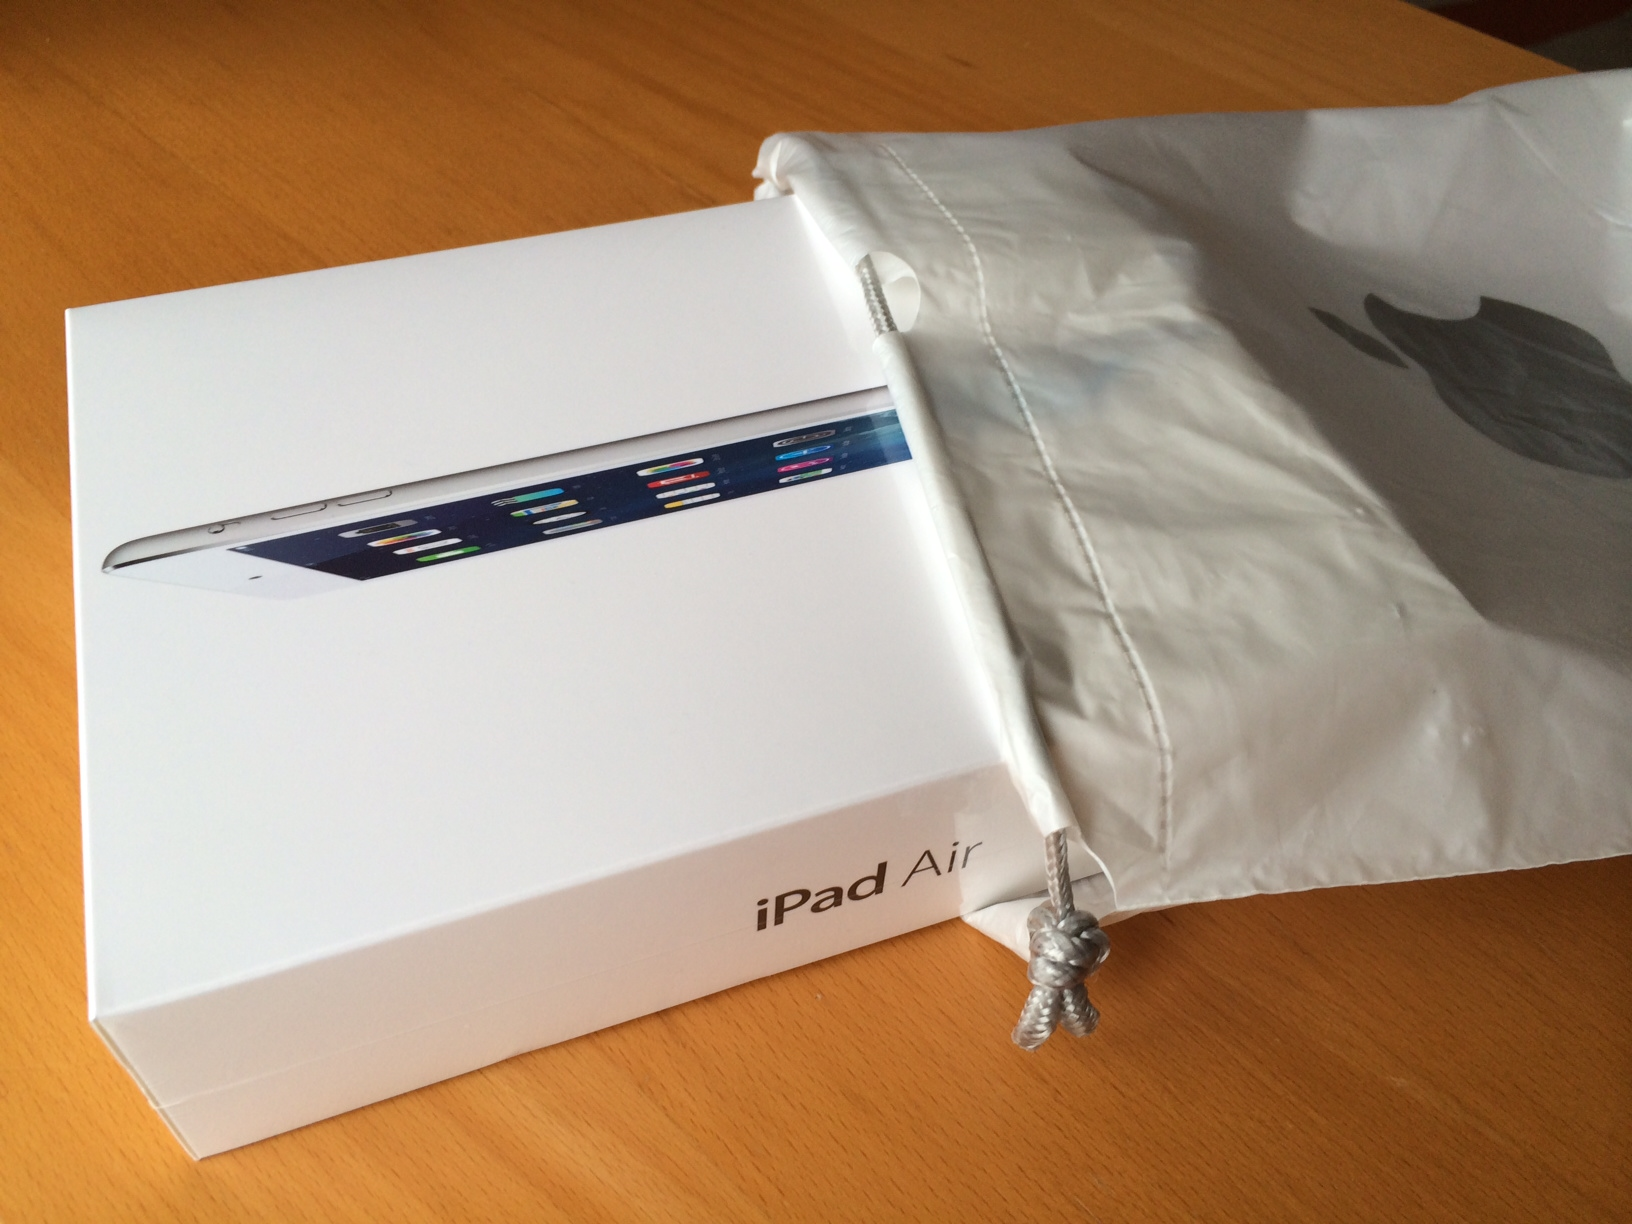 Biz de bir iPad Air aldık!